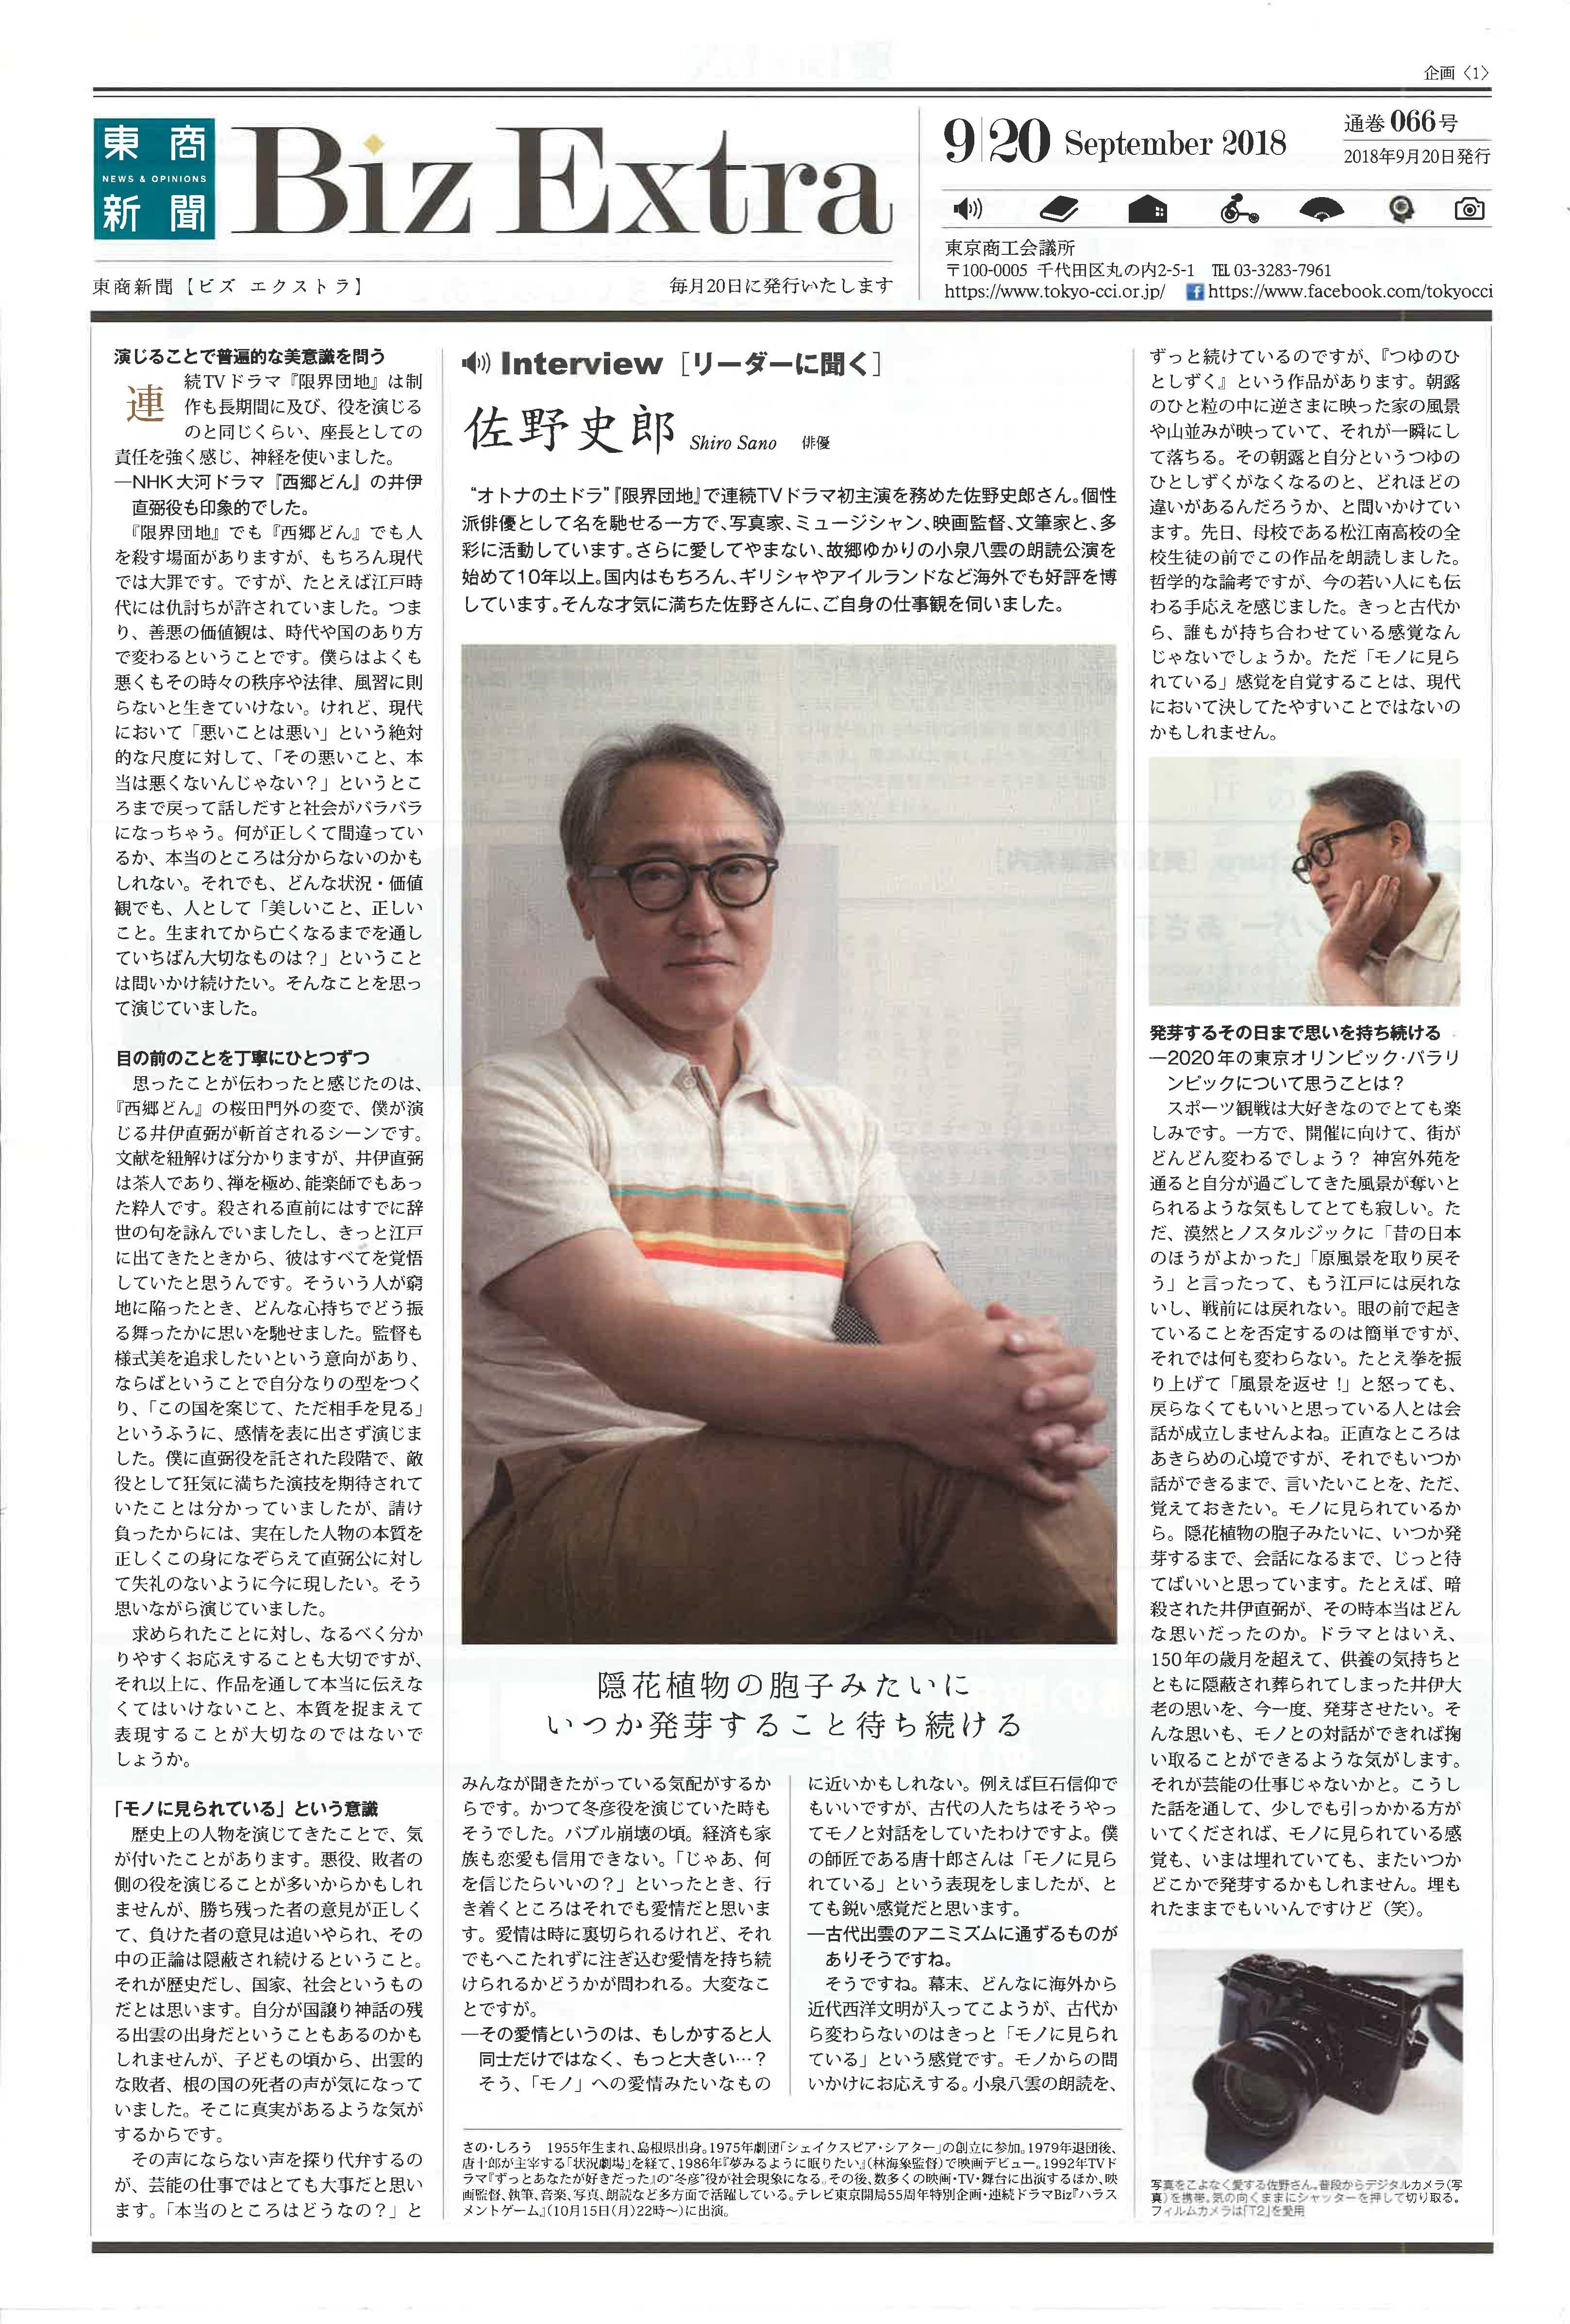 「東商新聞  Biz Extra」September 2018 通巻066号